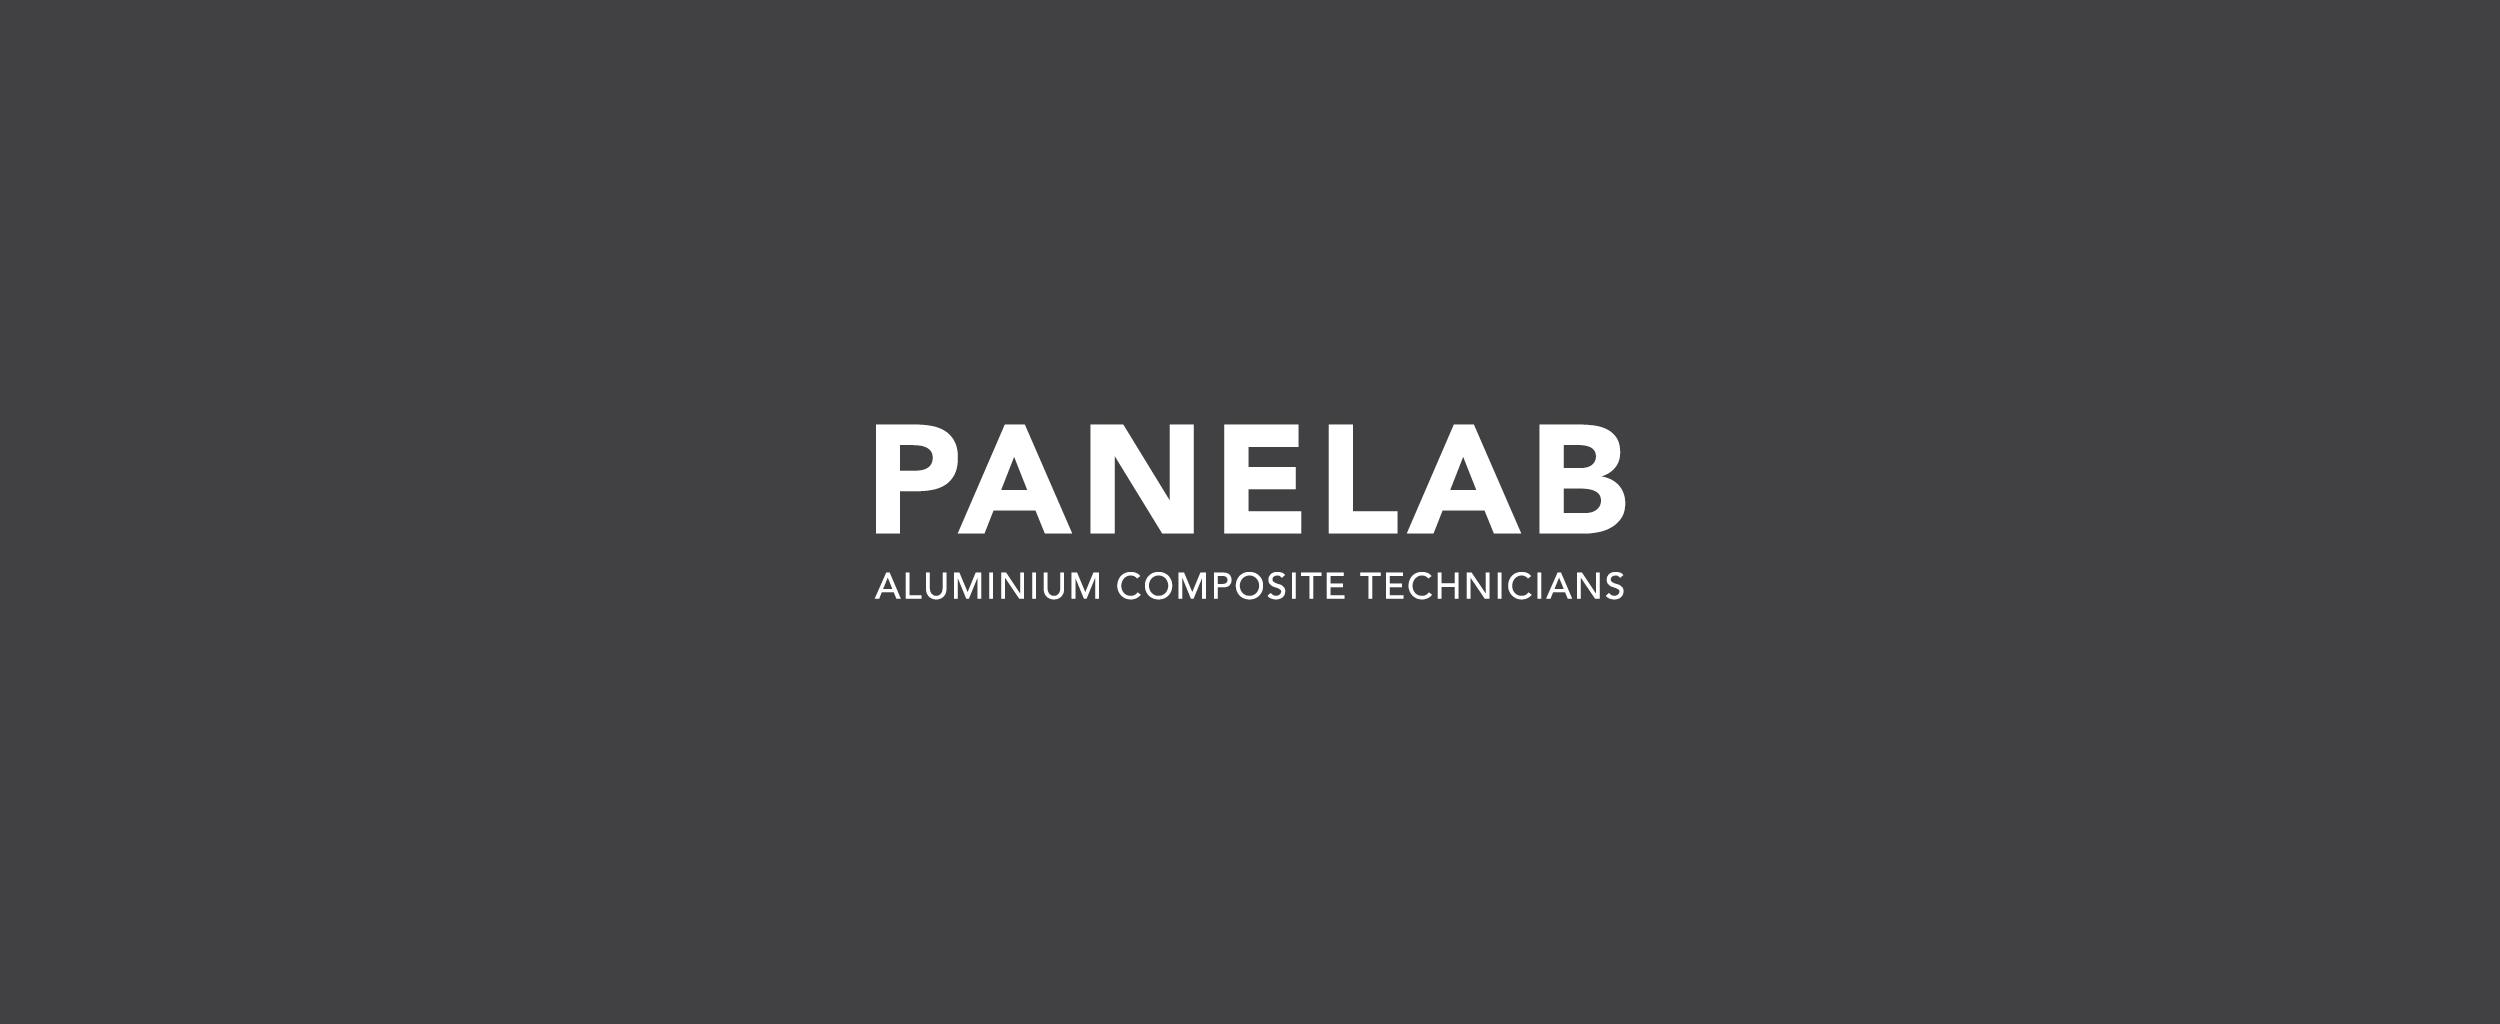 Panelab_branding_02.png